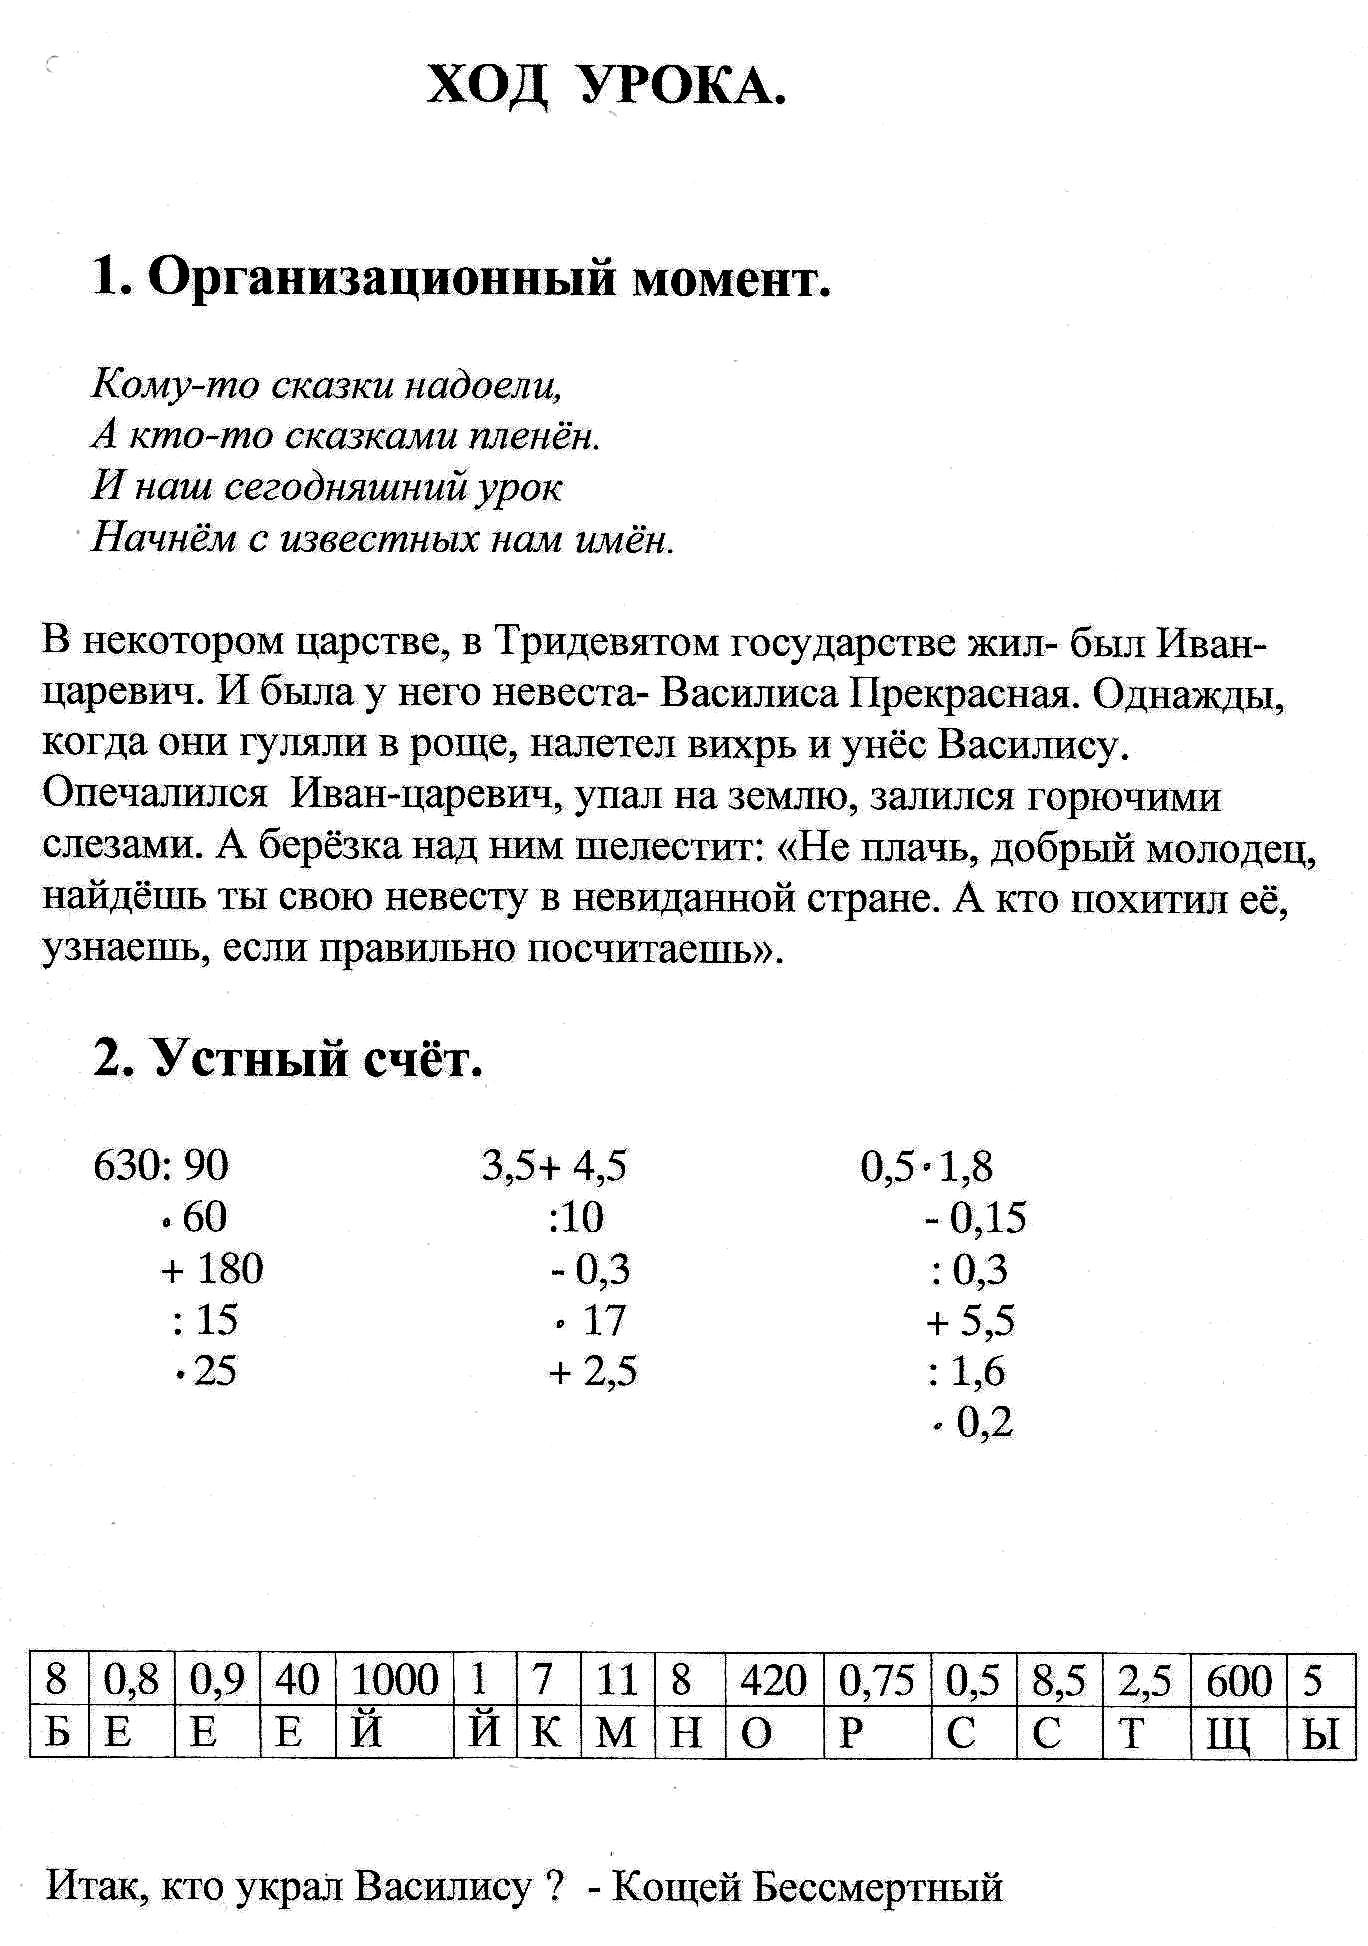 D:\Мои документы\Мои результаты сканировани\2.jpg